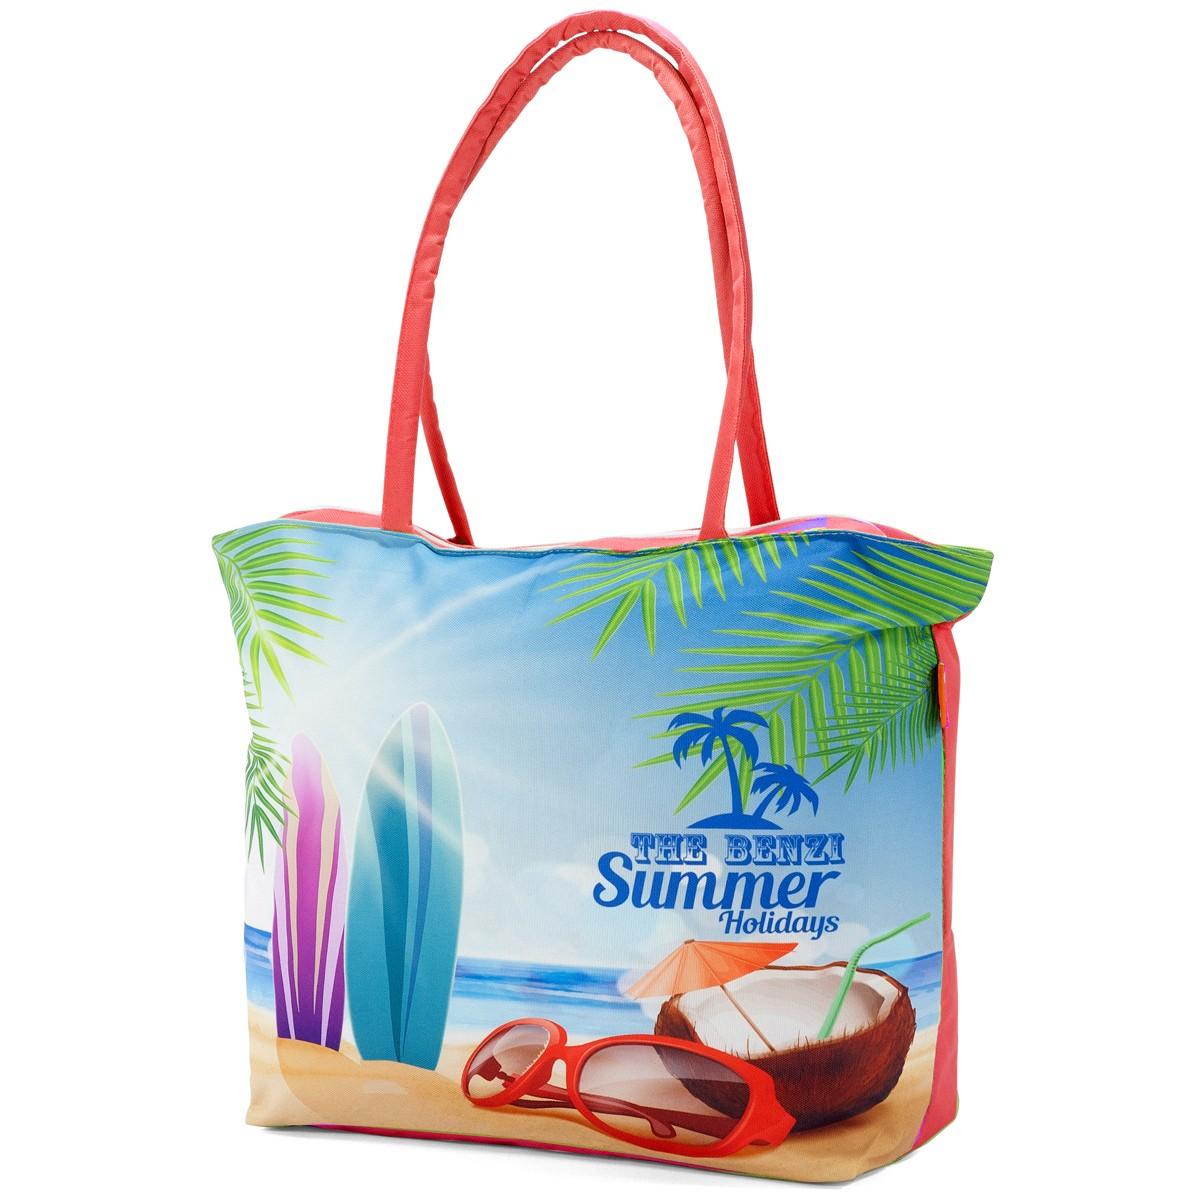 Τσάντα Παραλίας Benzi 5000 Red home   θαλάσσης   τσάντες παραλίας